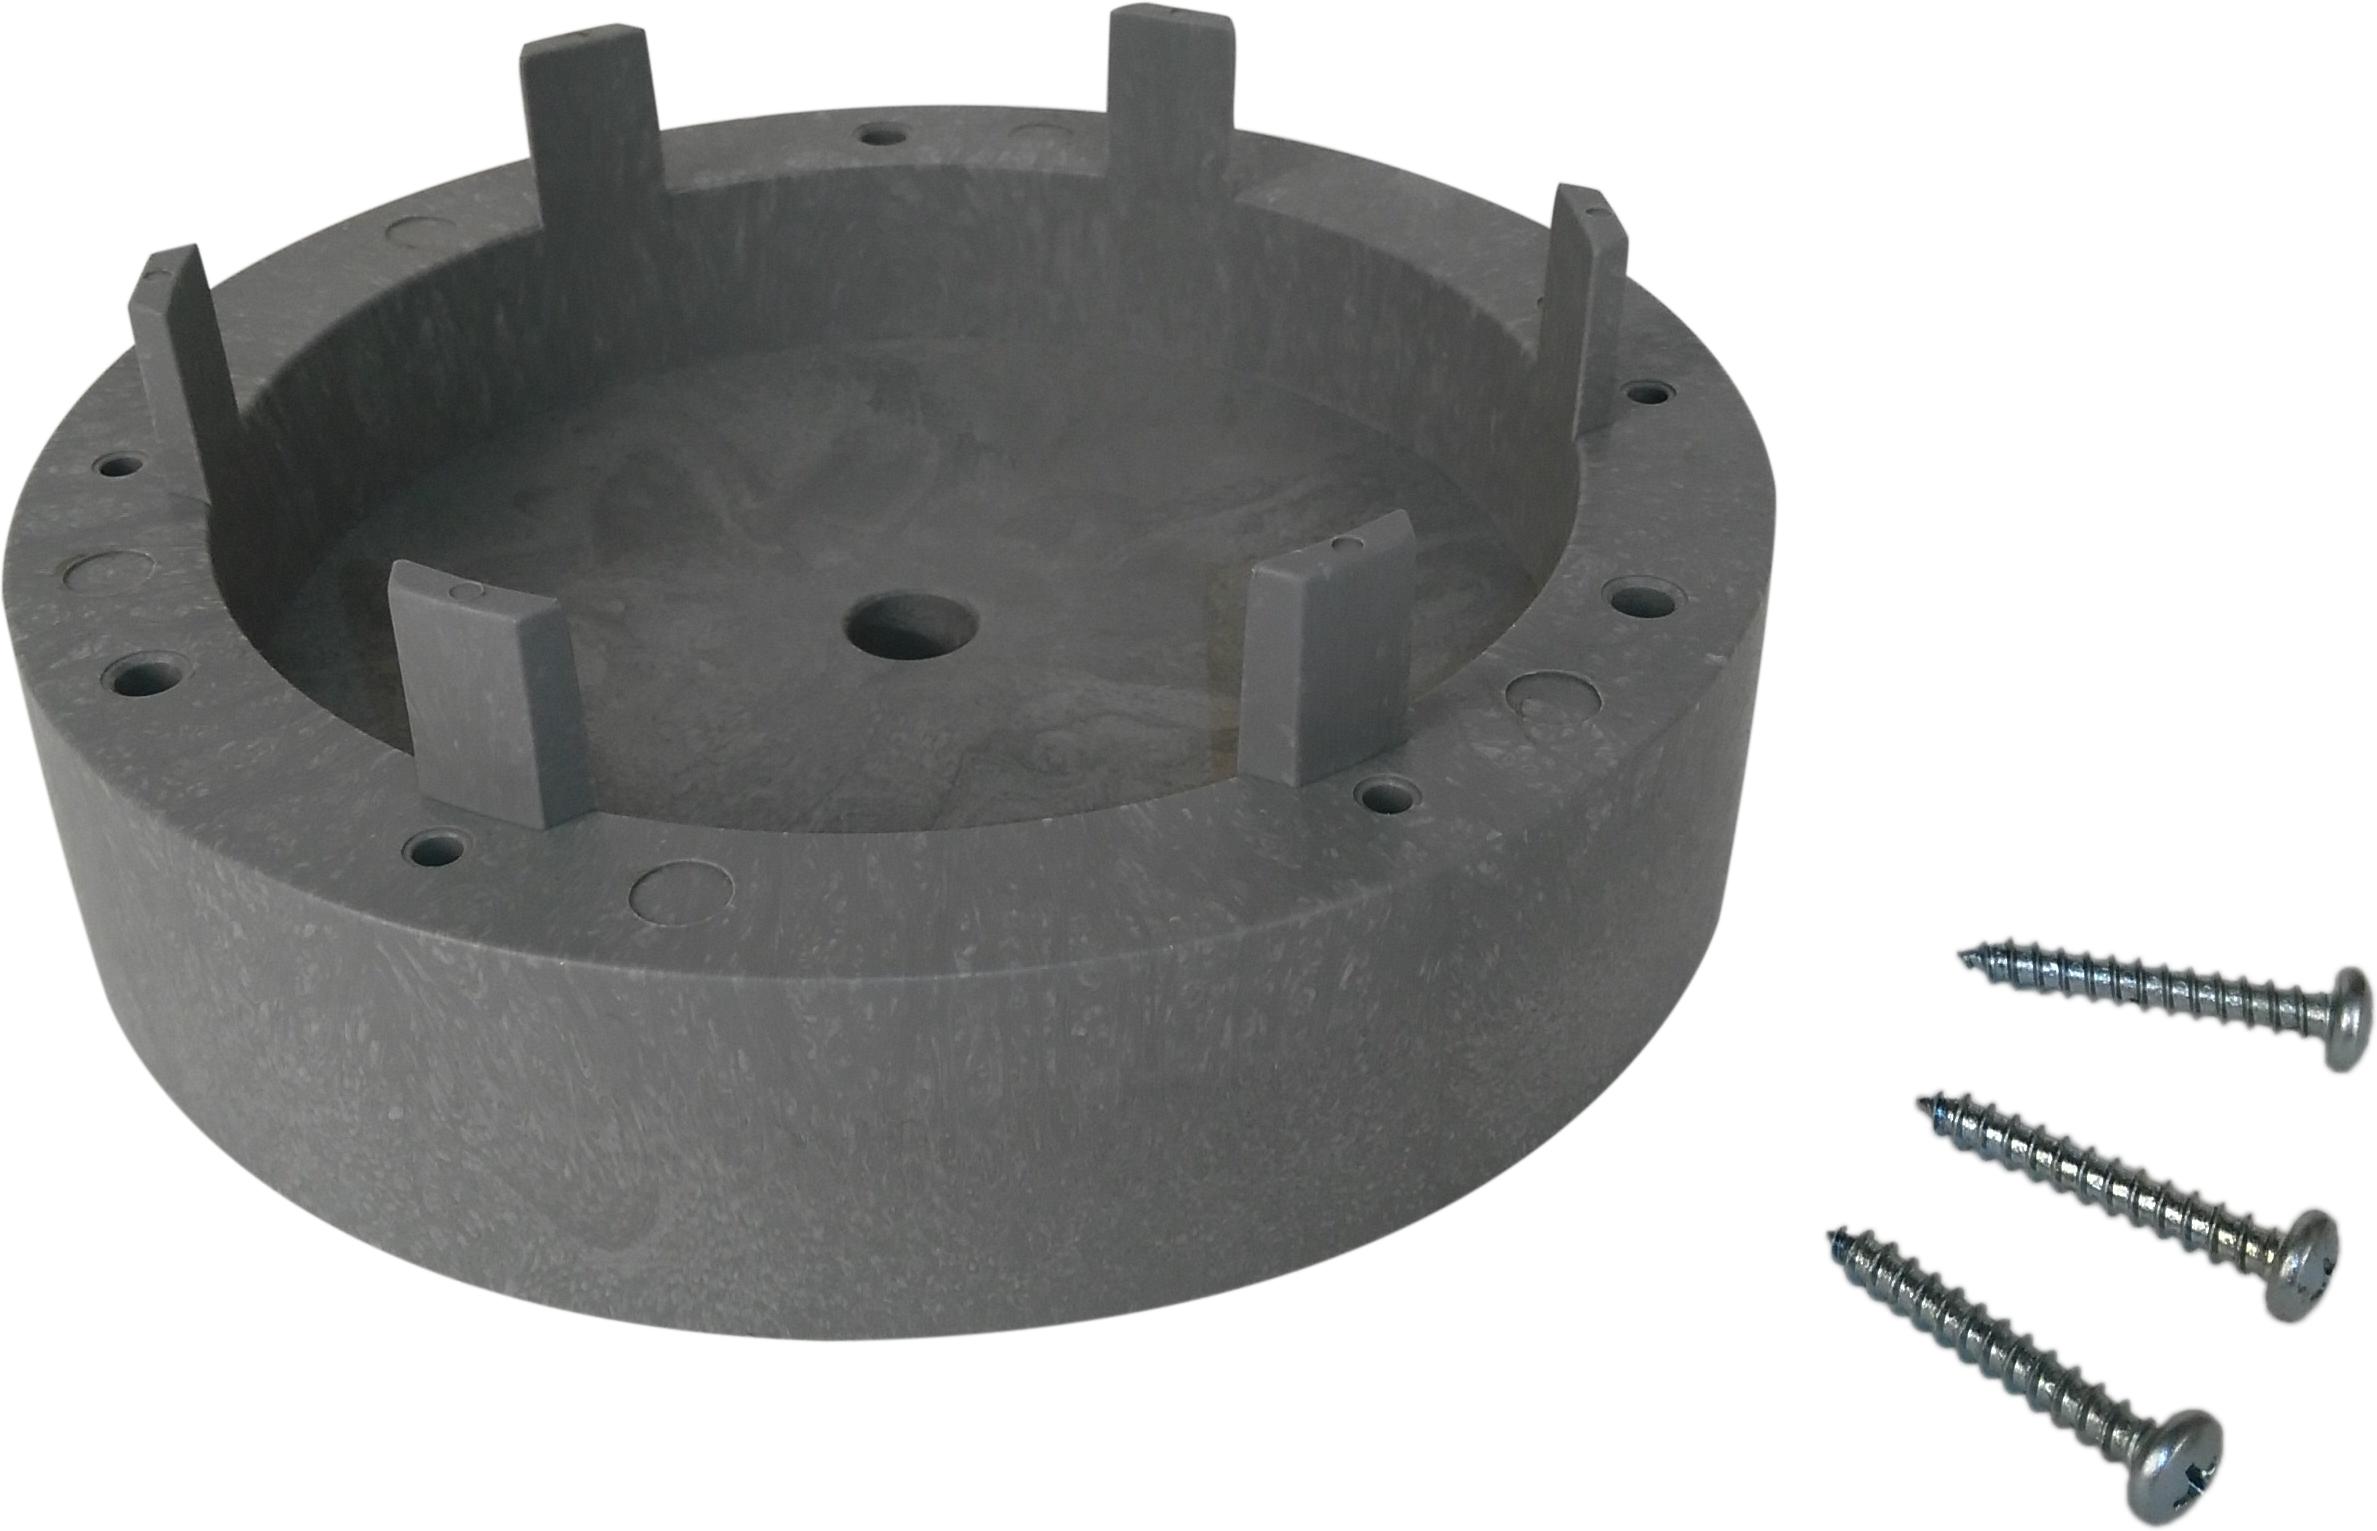 Riser 1.45 - Gray